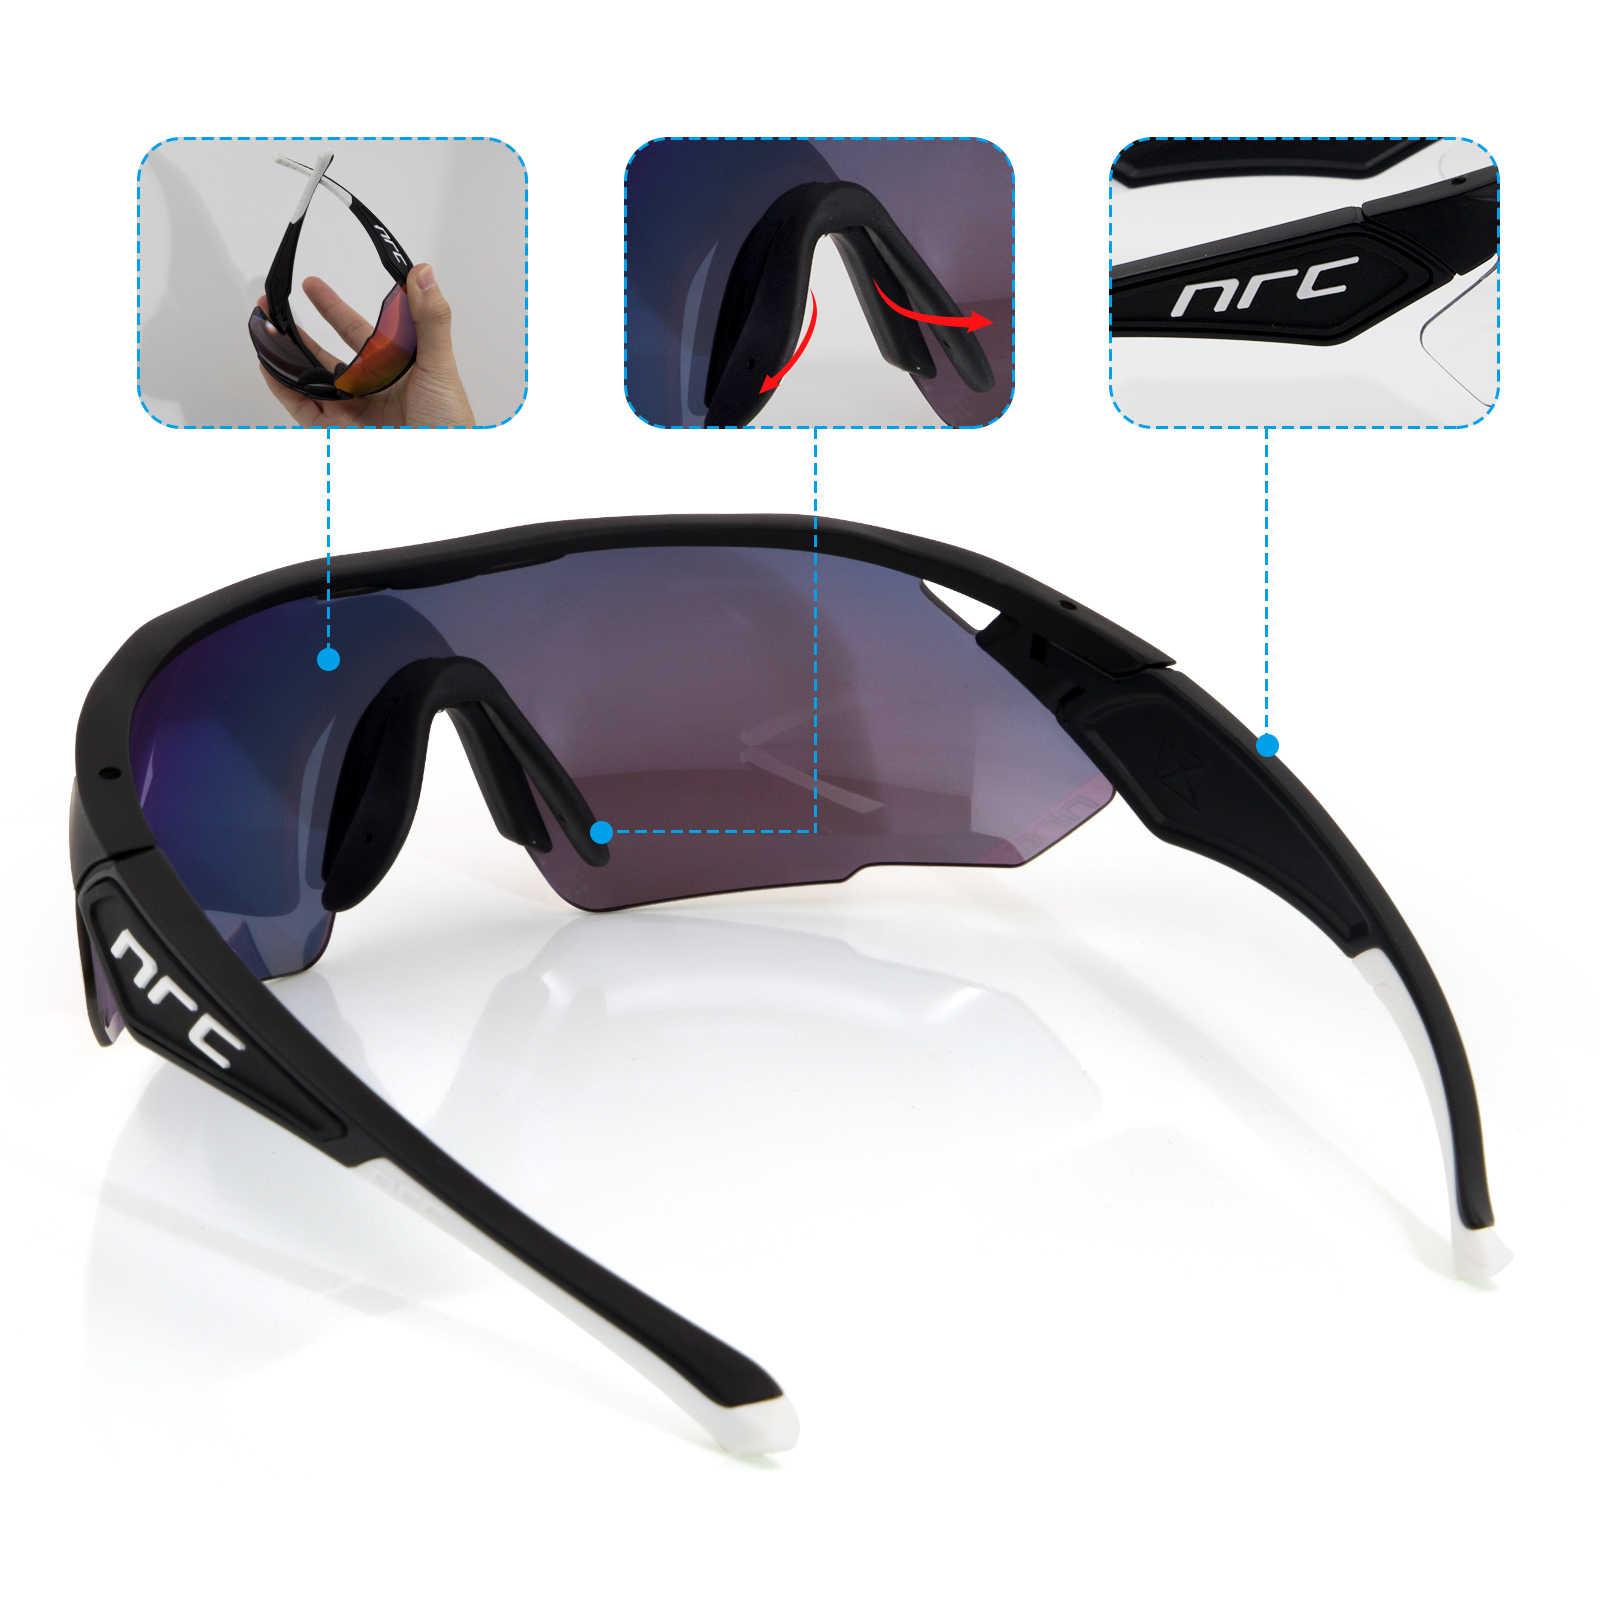 Велосипедные очки TR90, Обесцвечивающие солнцезащитные очки для мужчин и женщин, для горных и шоссейных велосипедов, для спорта на открытом воздухе